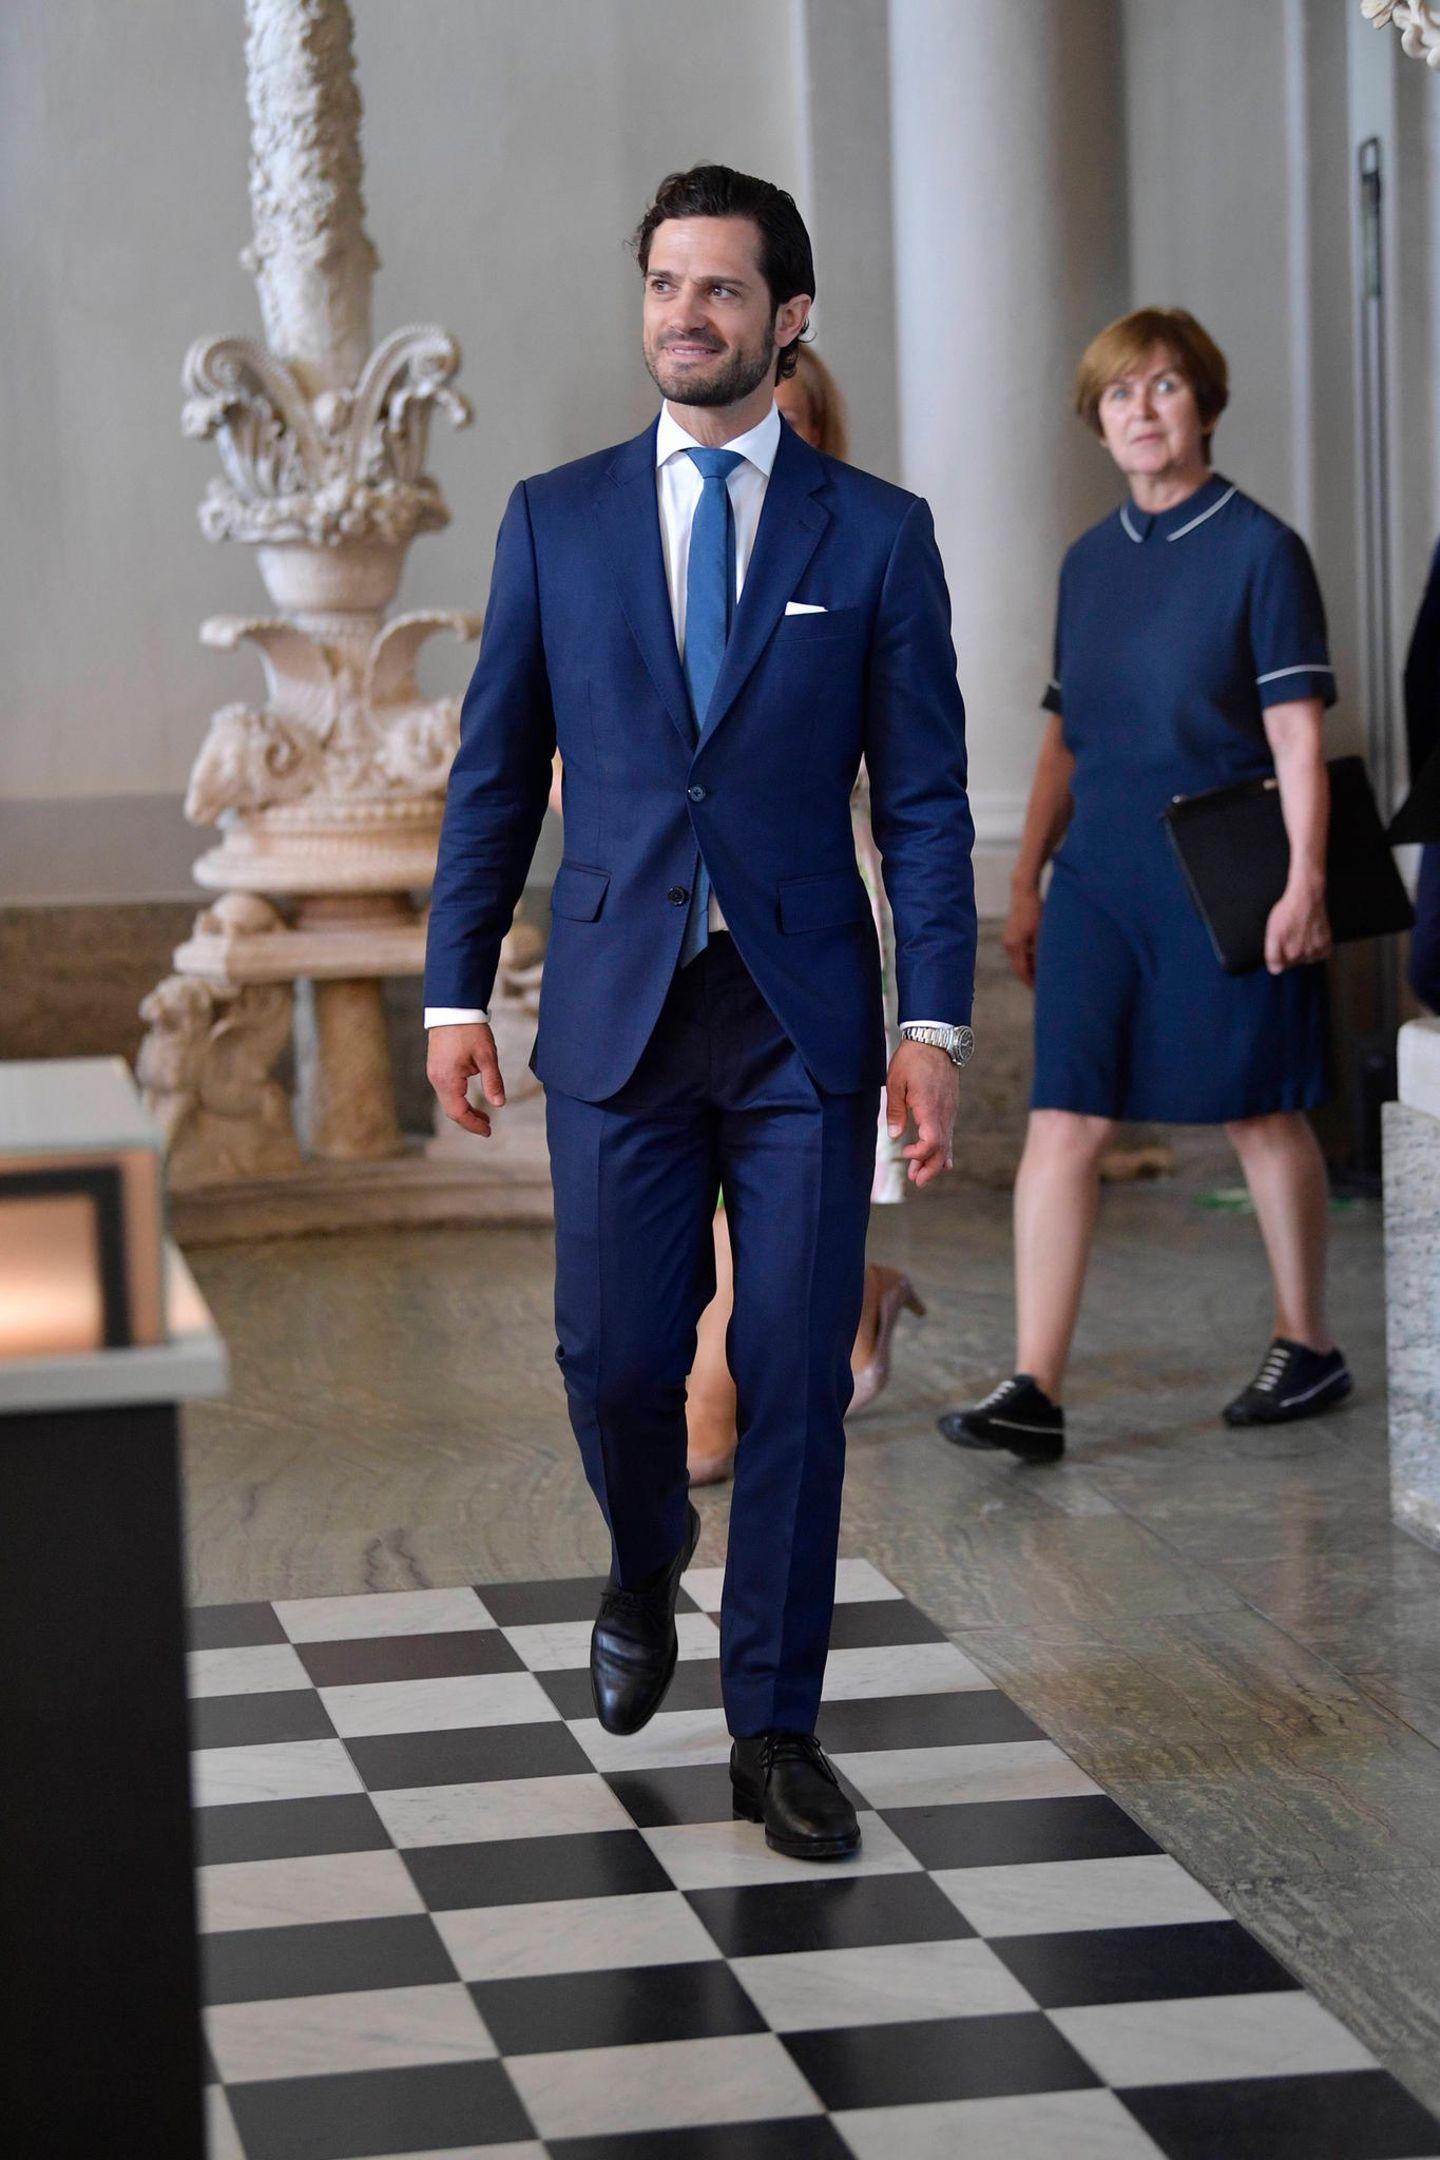 Prinz Carl Philip ist auf dem Weg ins Antikmuseum im königlichen Palast.